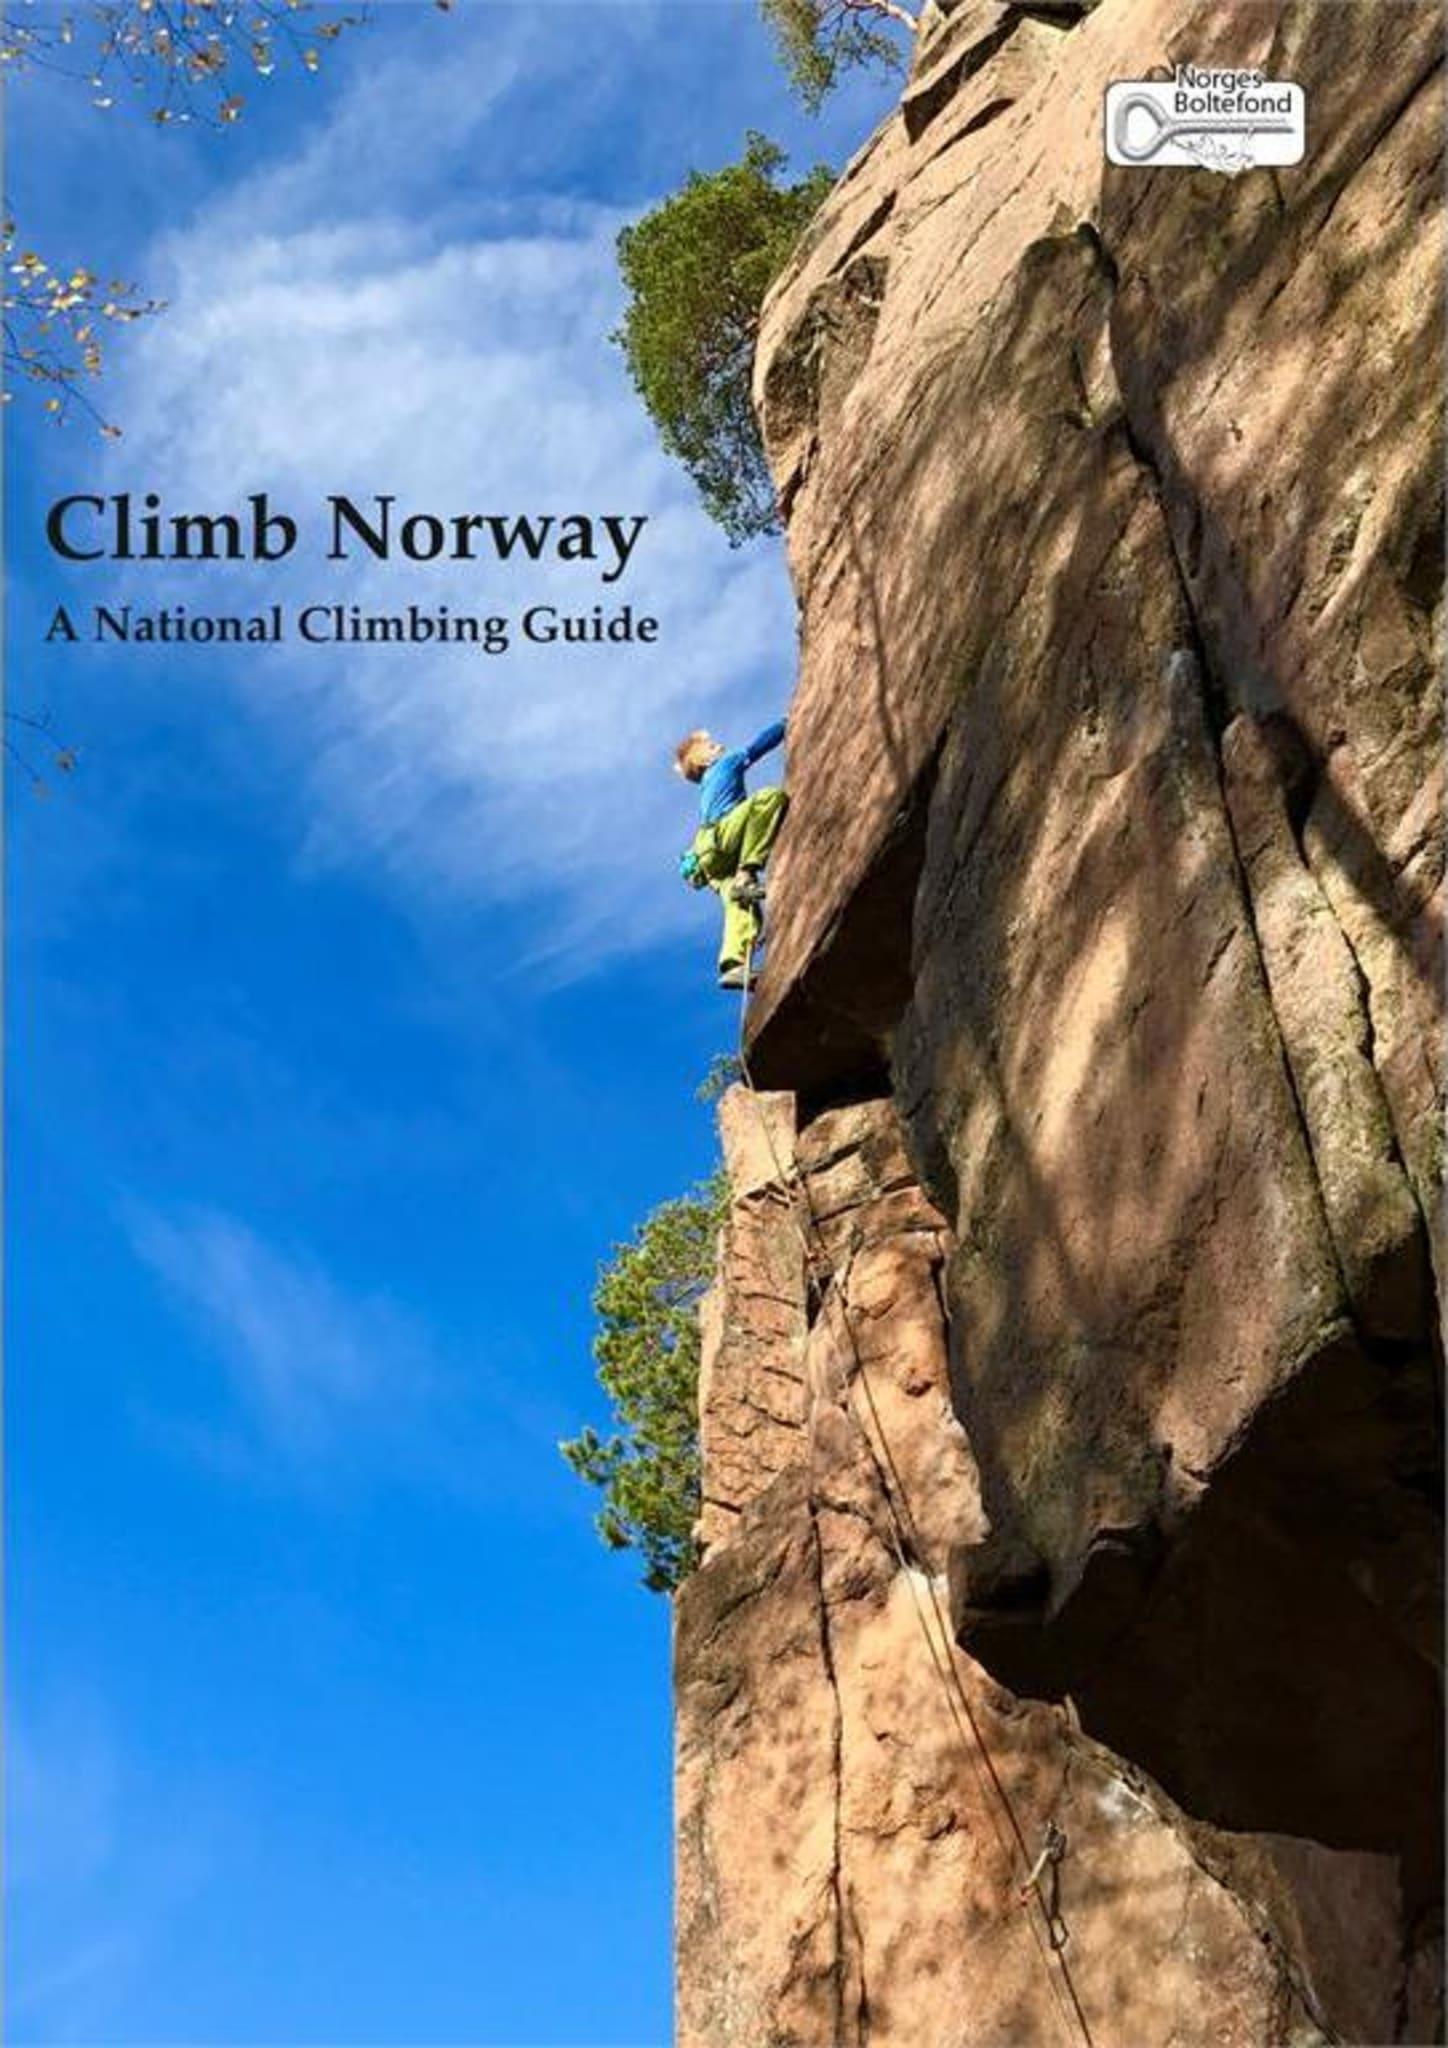 Siste utgave av Climb Norway med nye crag og bilder